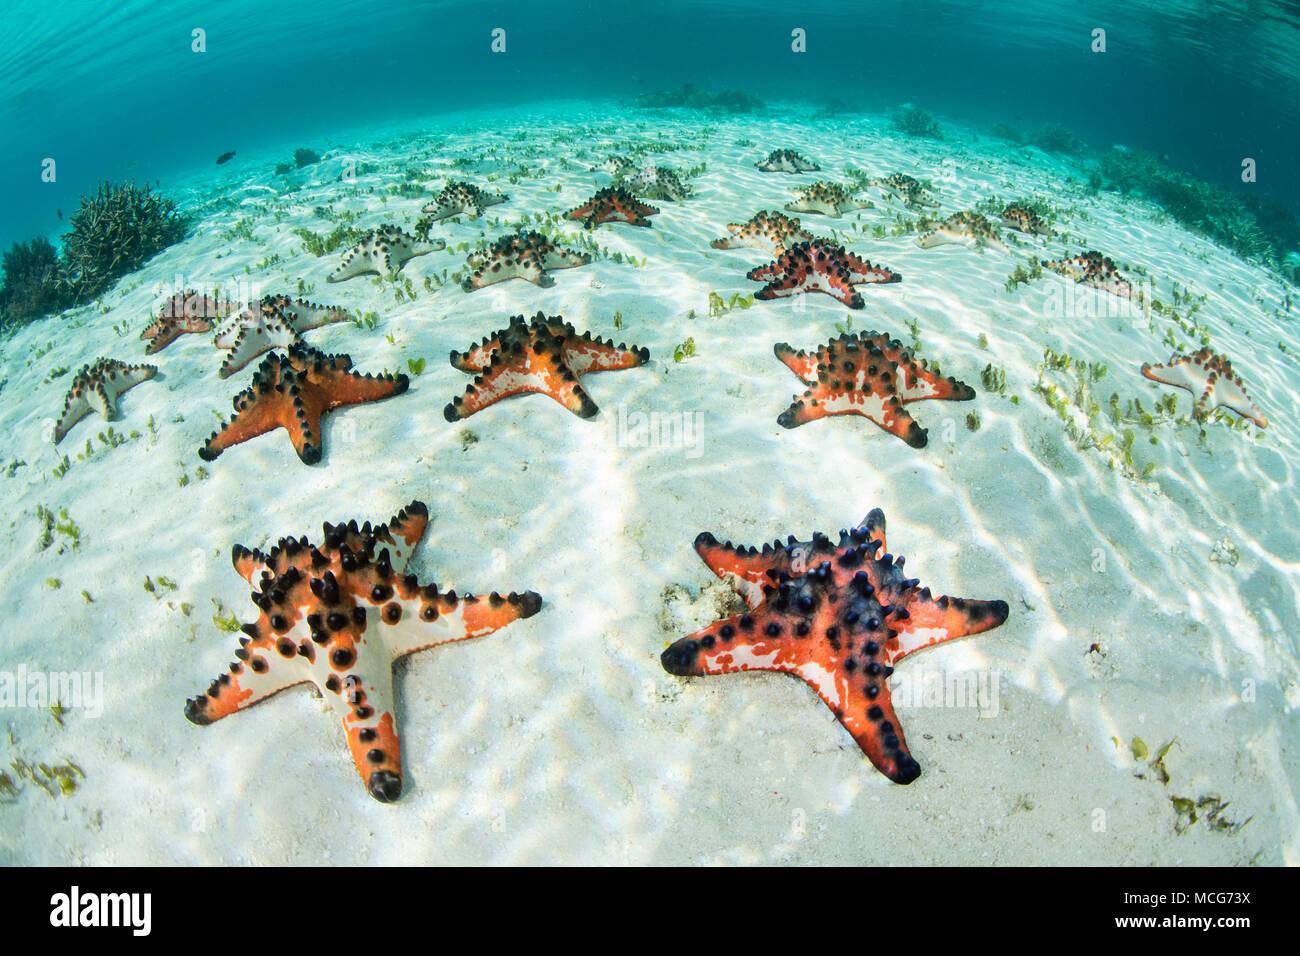 Colorido chip Chocolate starfish, Protoreaster nodosus, cubra el fondo marino arenoso de una pradera de algas en Raja Ampat, Indonesia. Imagen De Stock